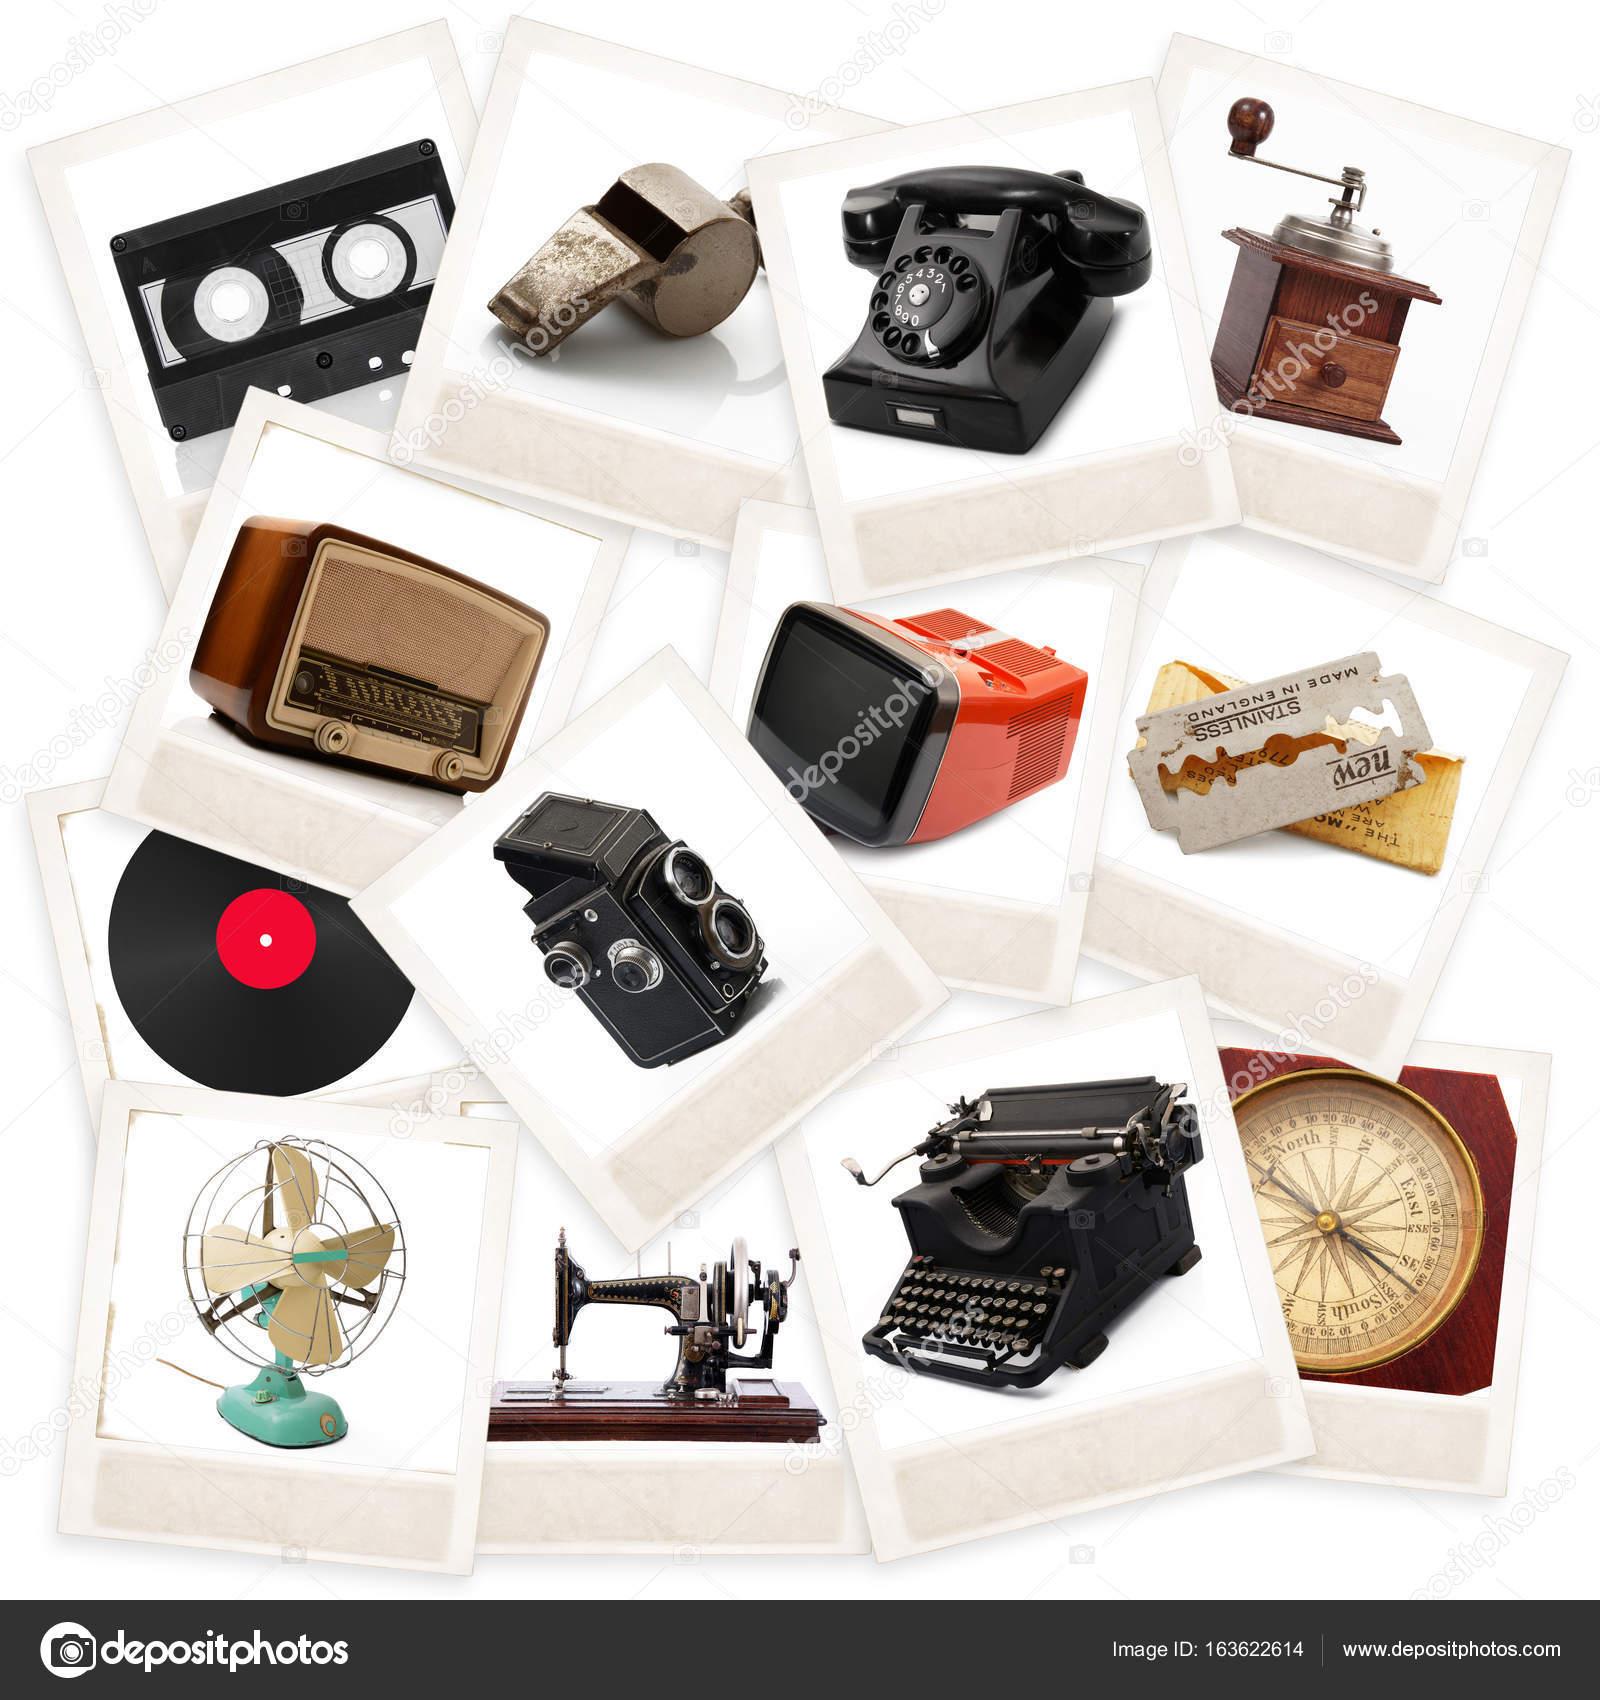 Objetos vintage top tecno vintage with objetos vintage - Objetos vintage ...